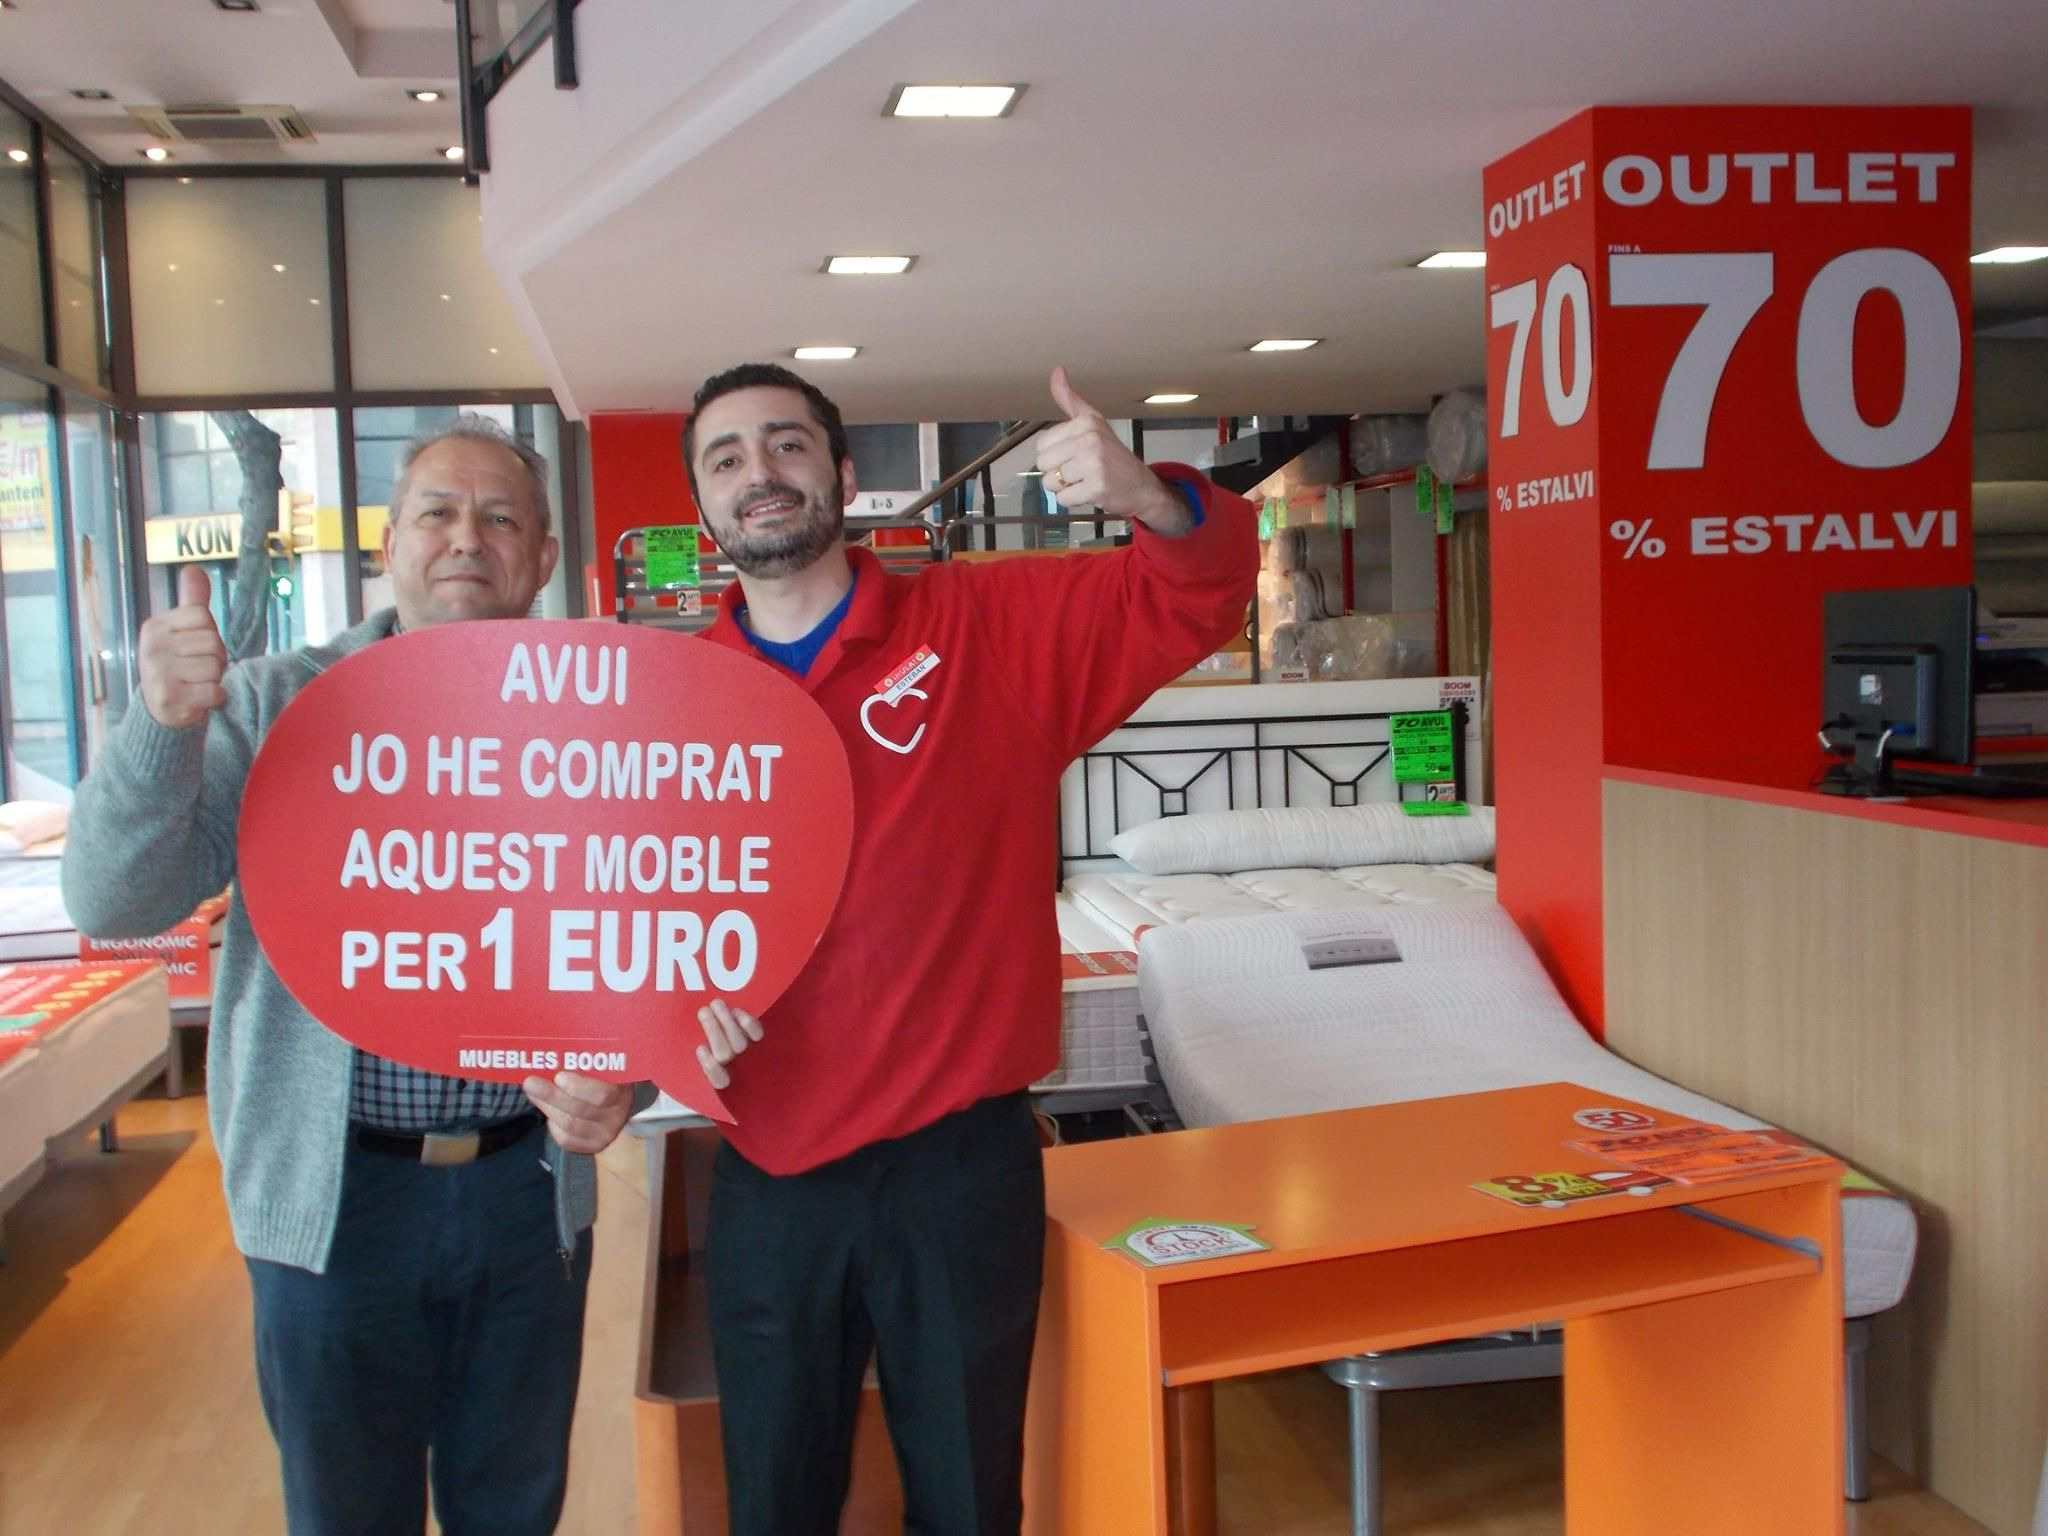 El S Bado Lluis P Se Compr Por Solo 1 Euro Esta Mesa De  # Muebles Boom Vitoria